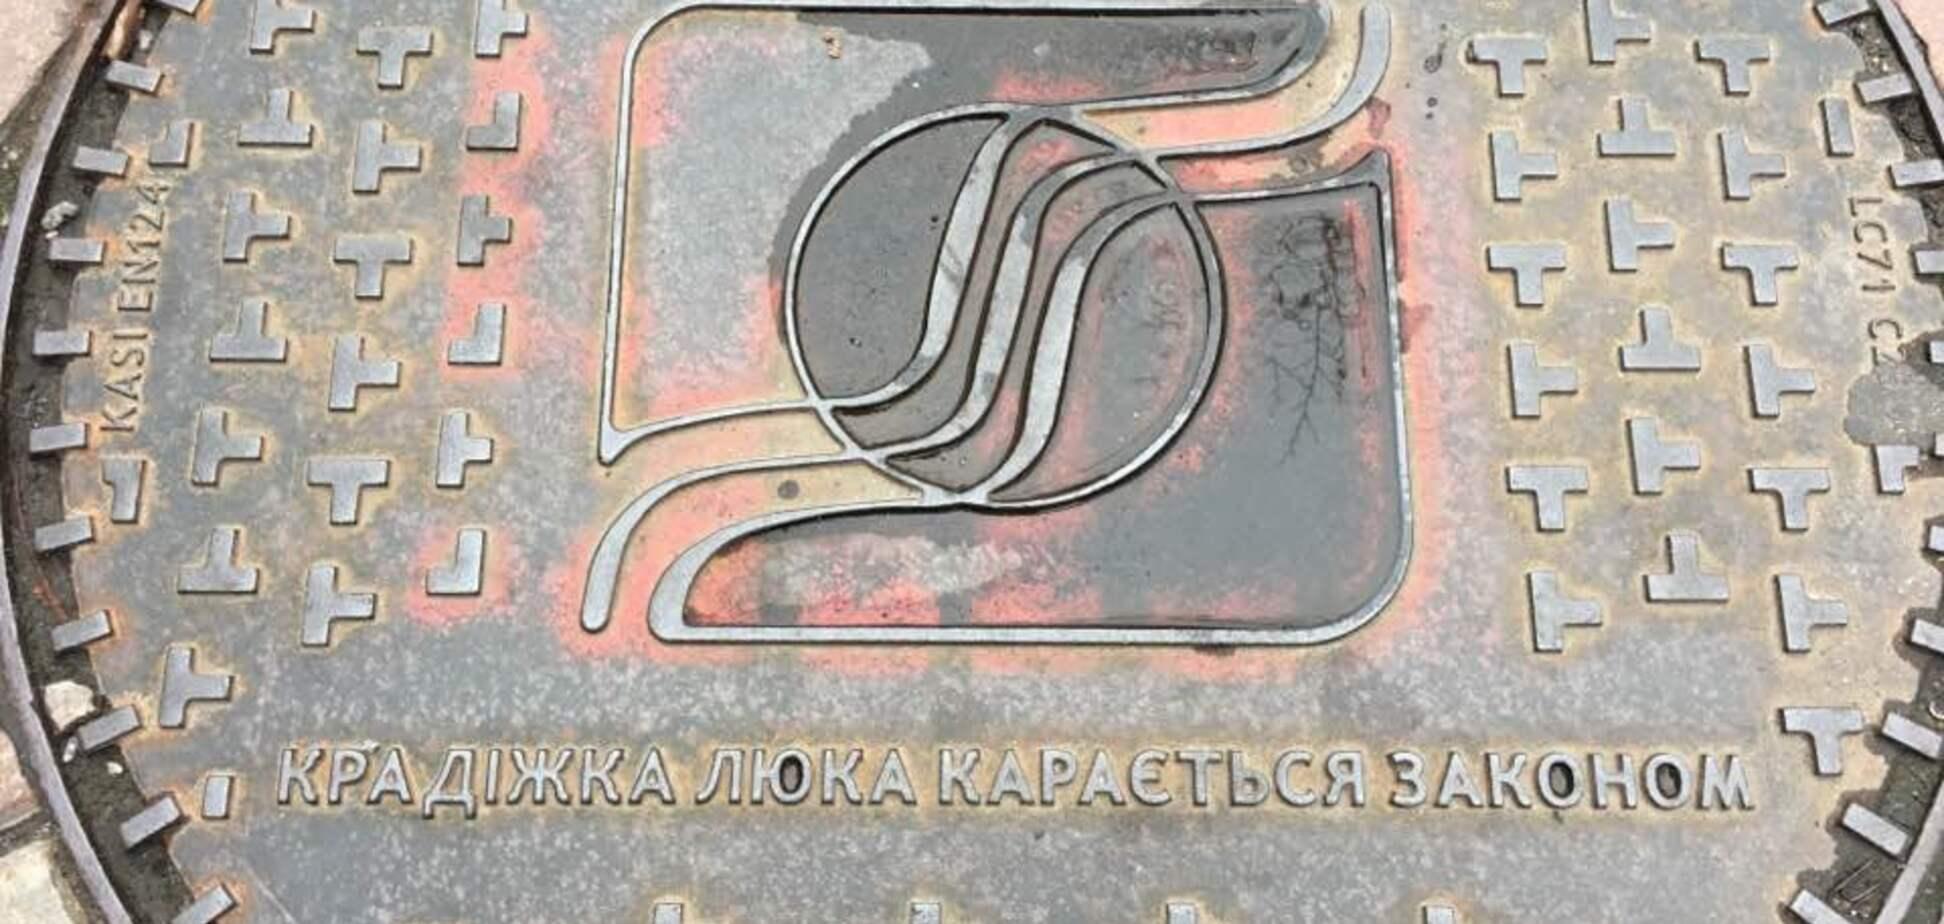 'Ни в одной стране такого нет': сеть позабавил курьез с люком в Киеве